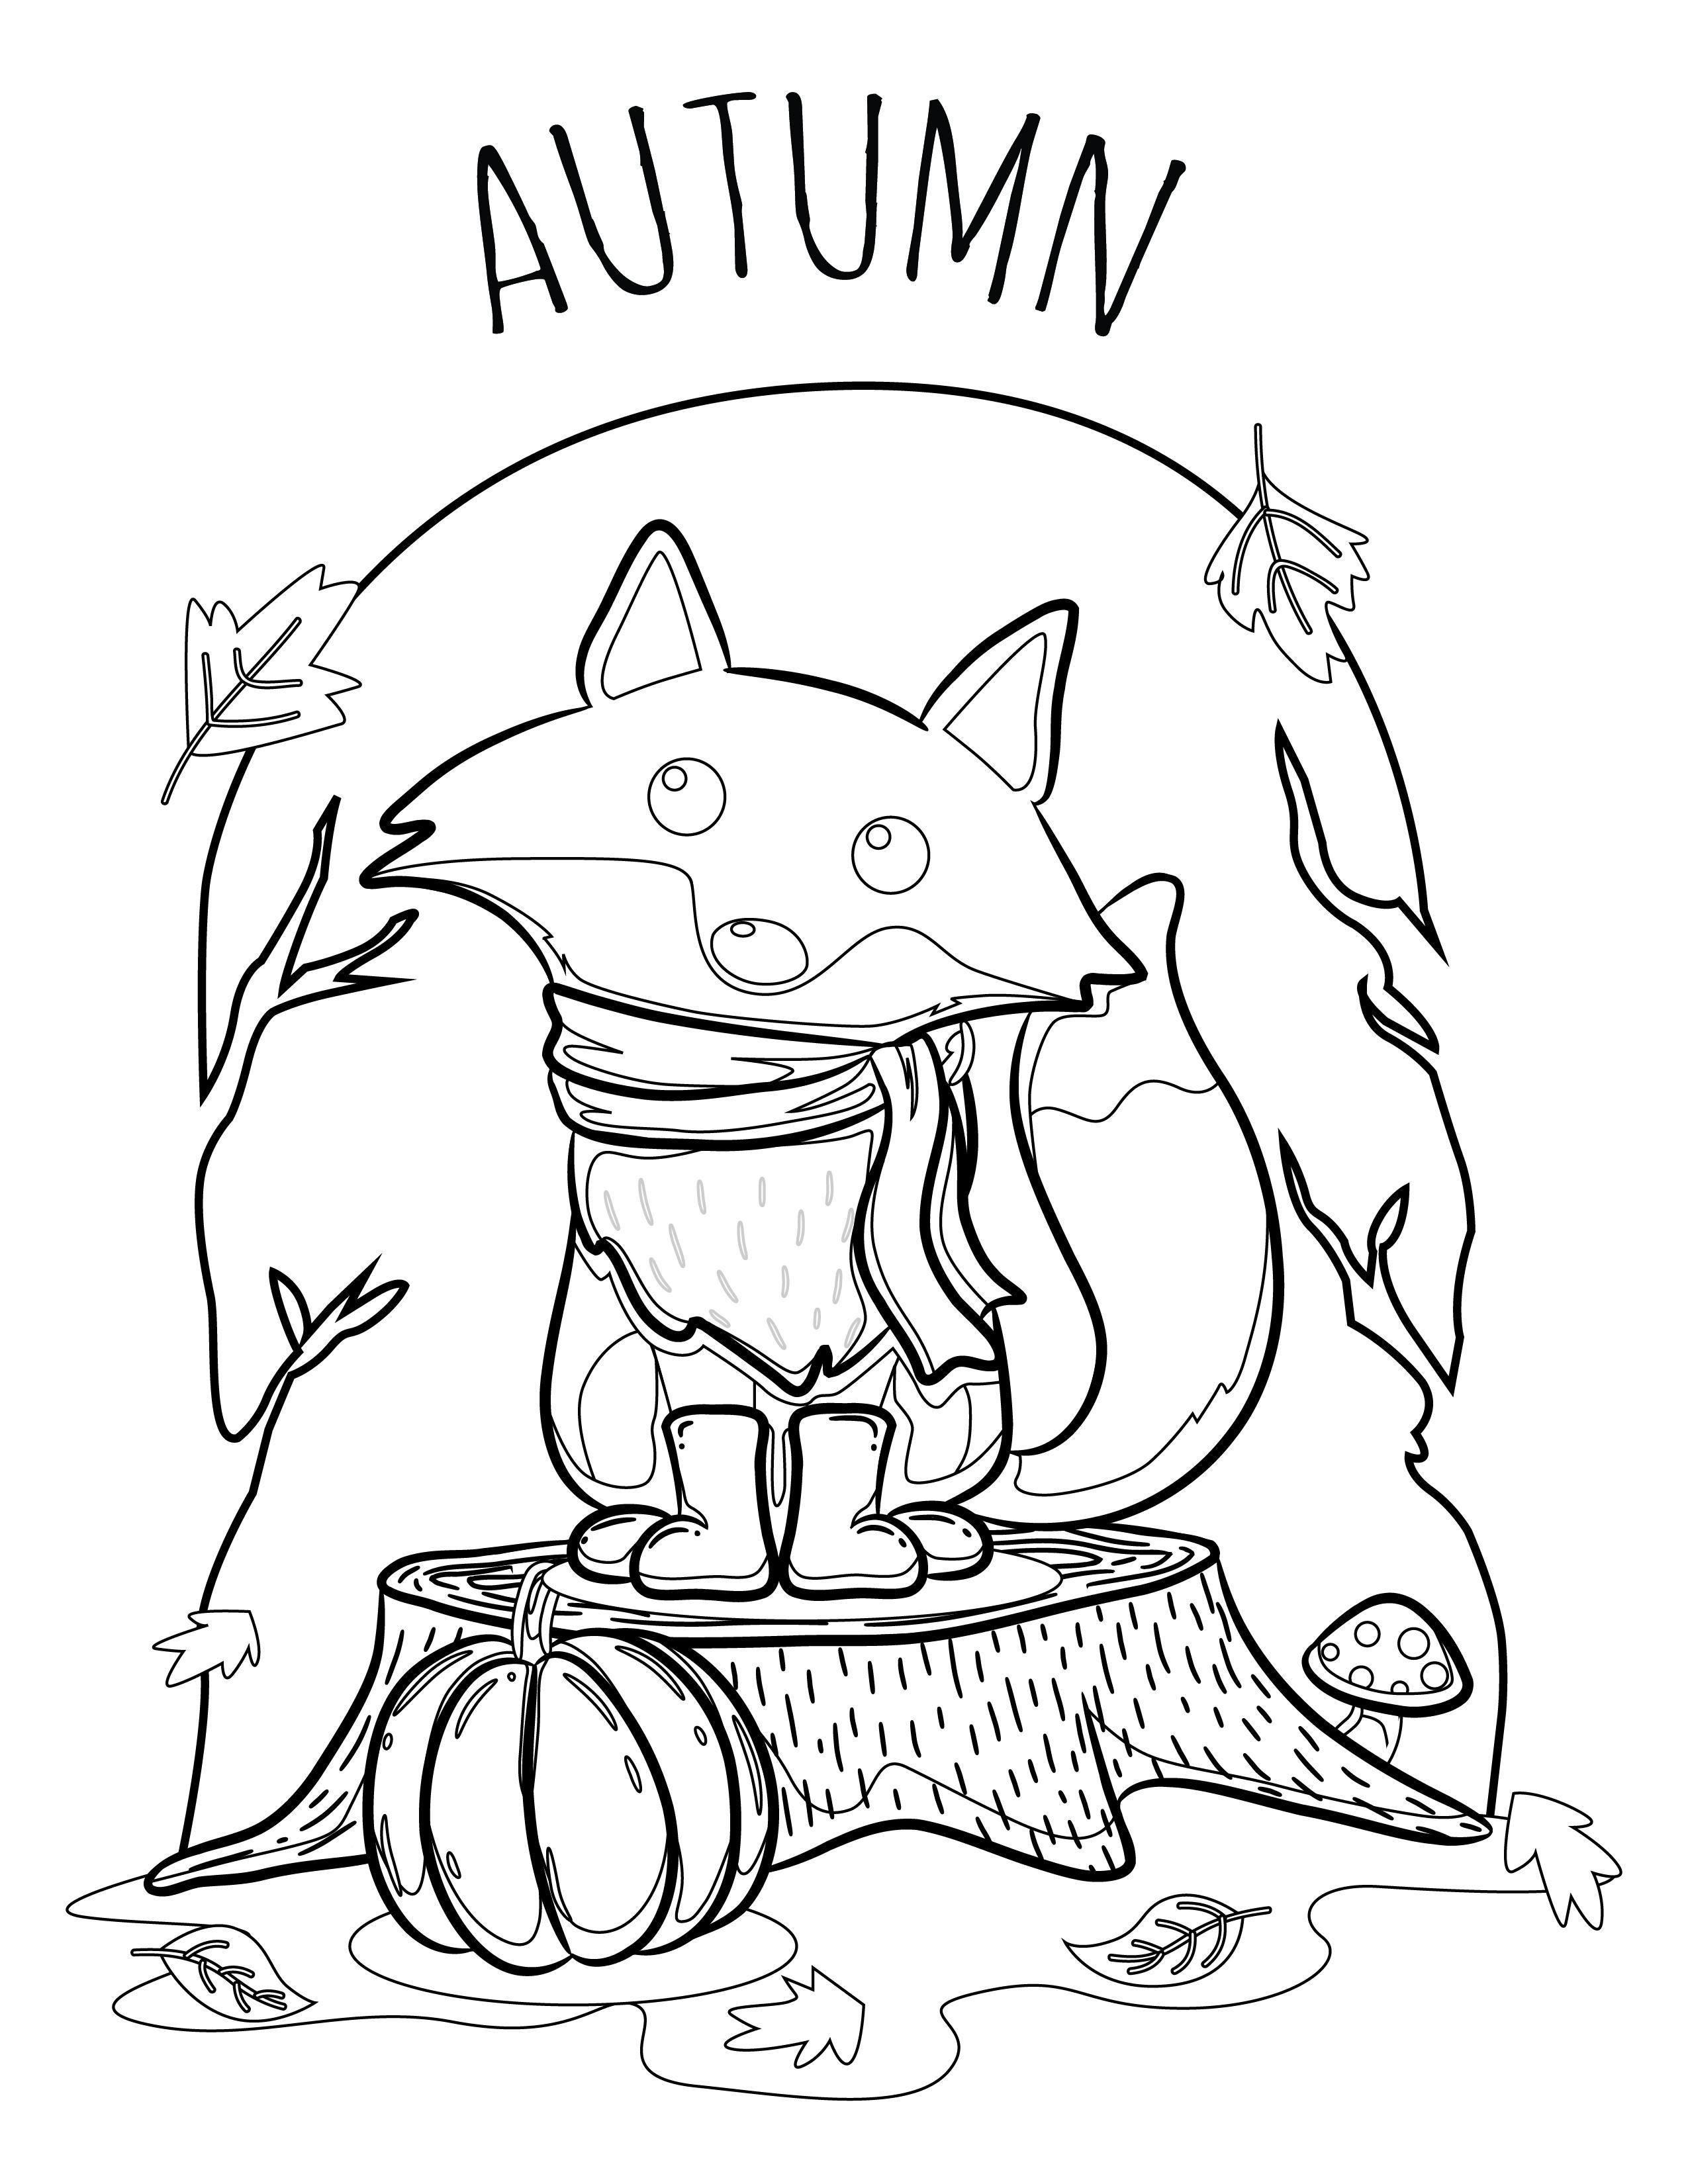 Bienvenue automne coloriage renard pour adulte - Renard en dessin ...